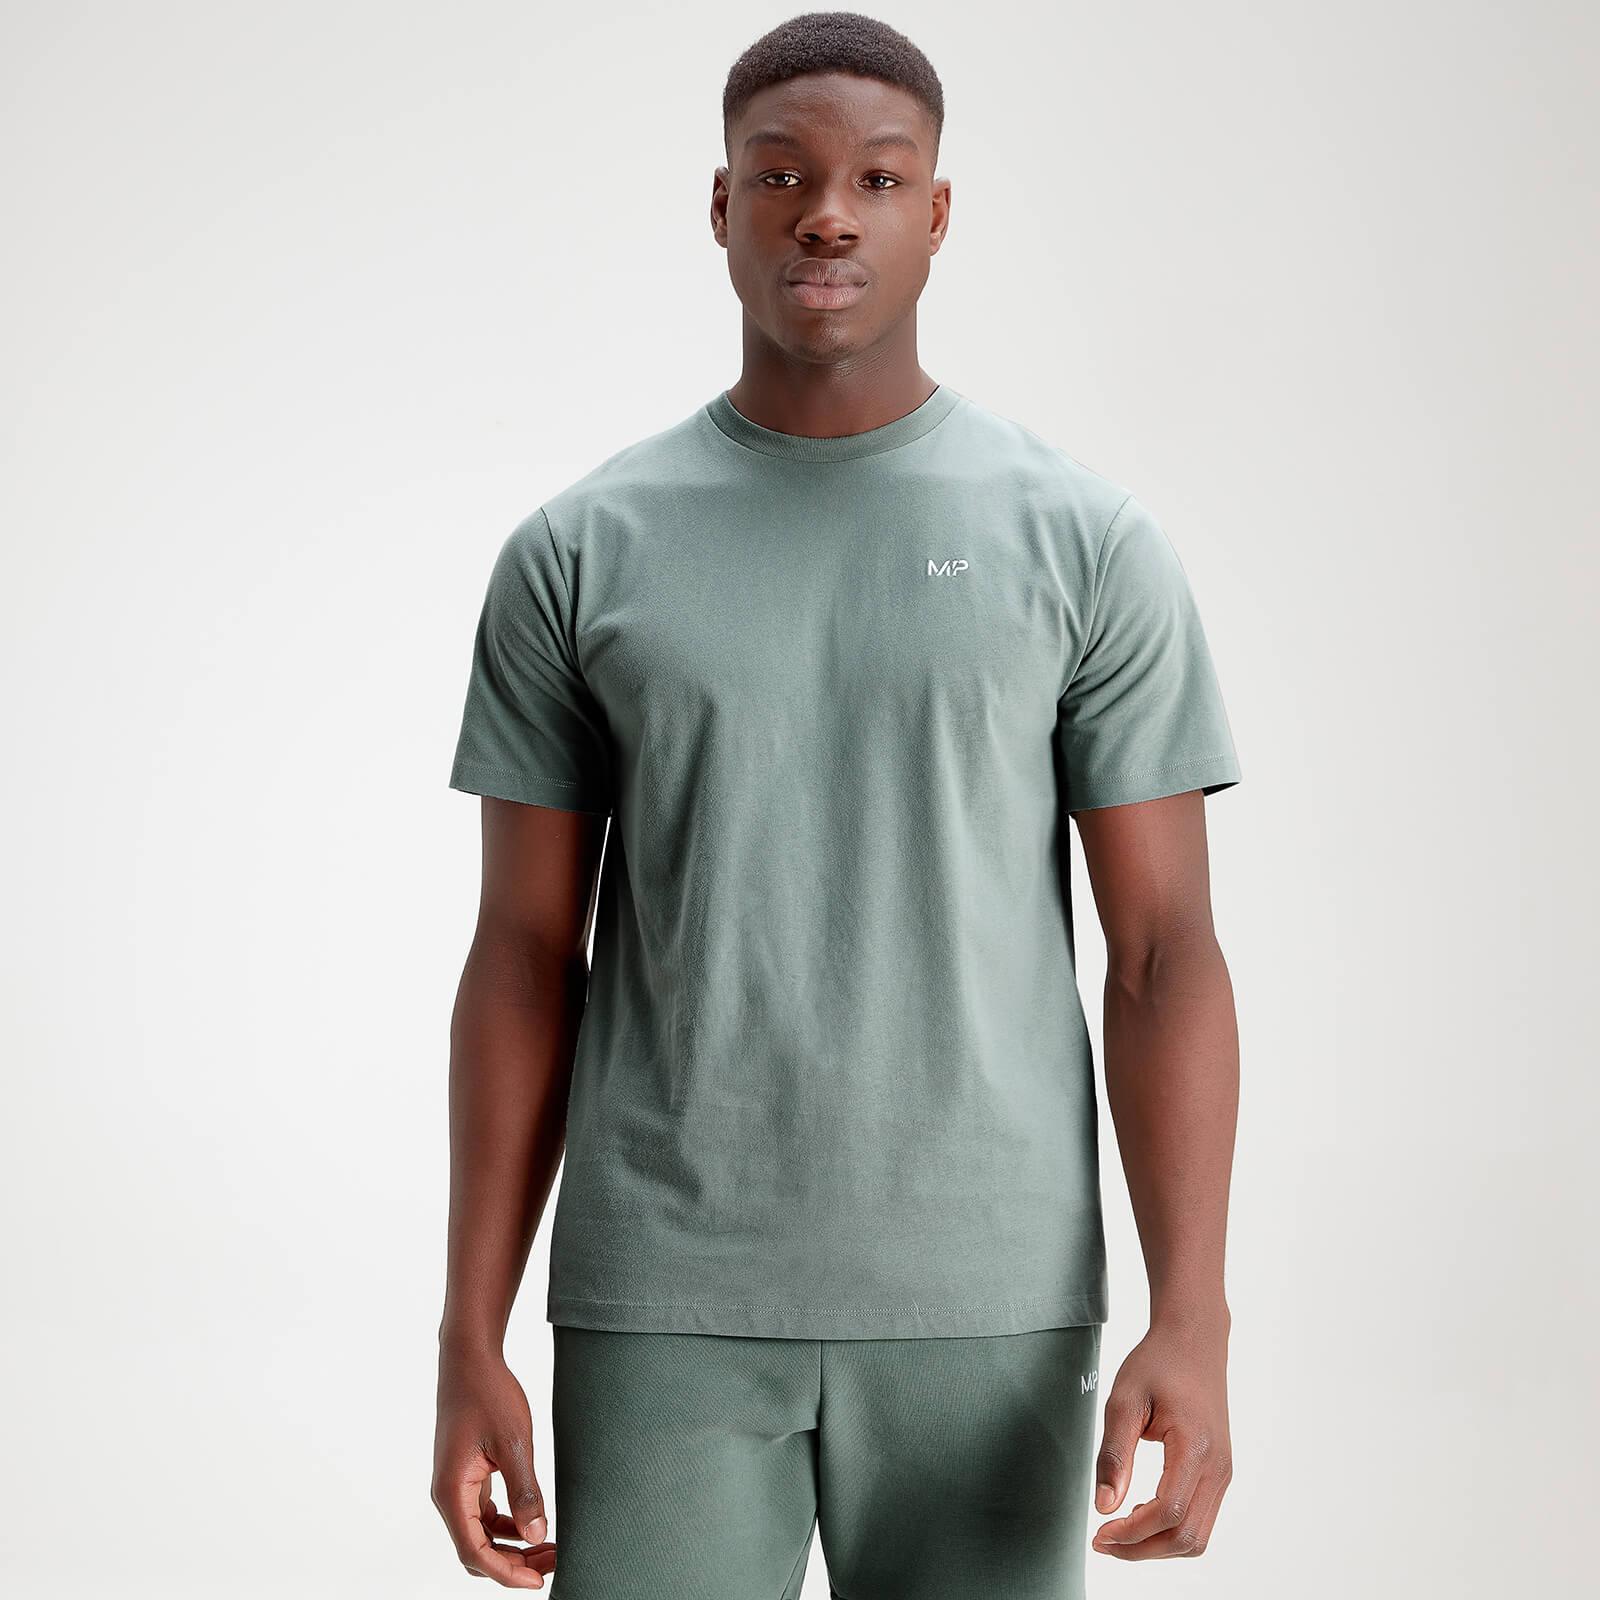 Купить MP Men's Essentials Short Sleeve T-Shirt - Washed Green - XXL, Myprotein International